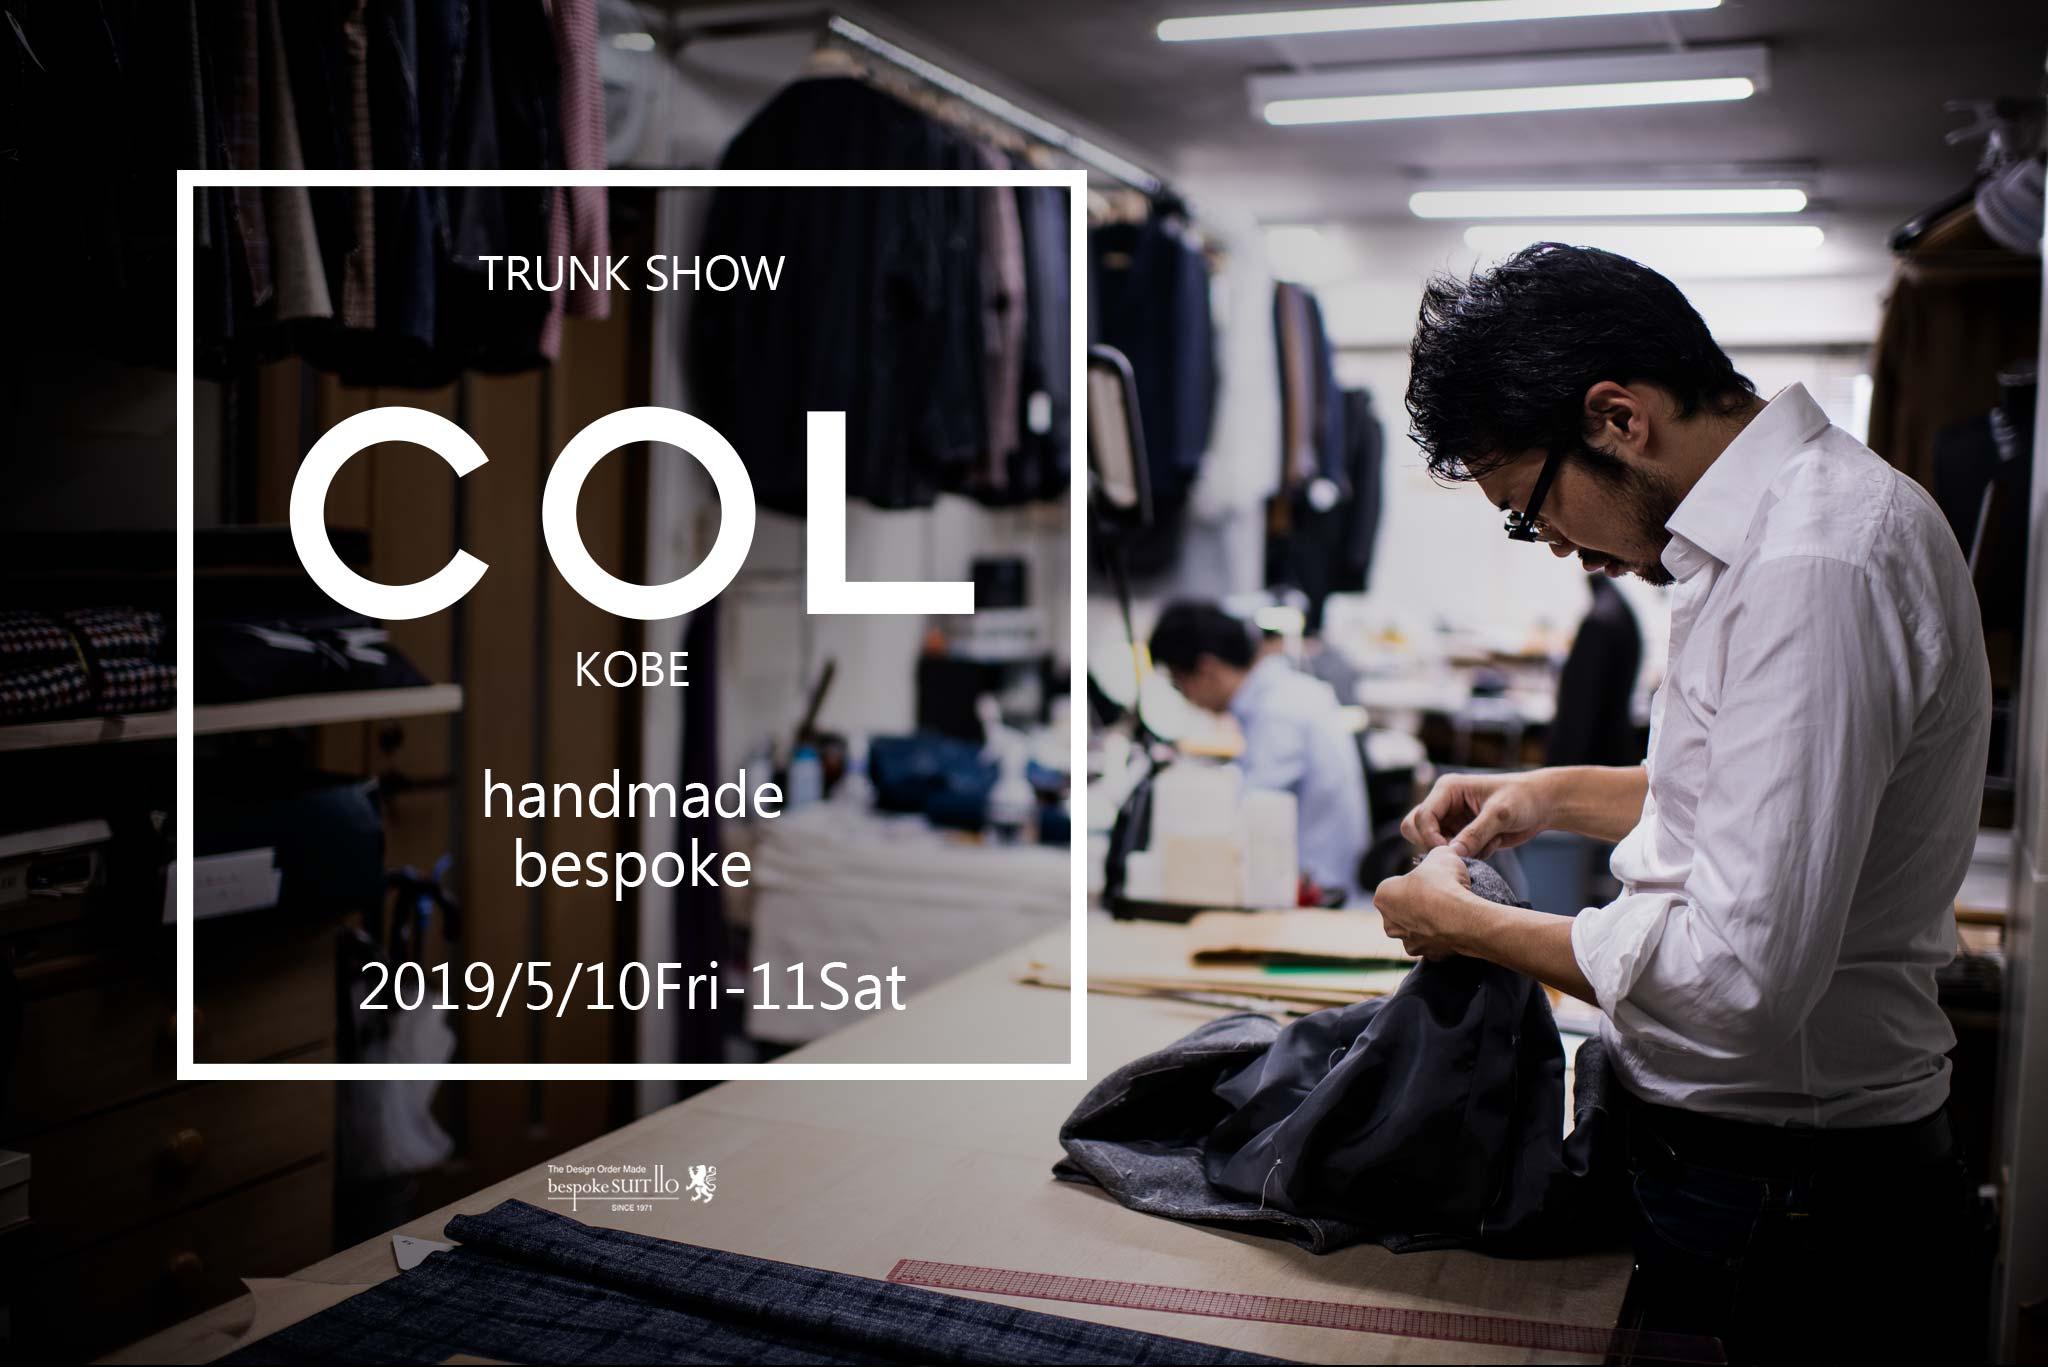 ★九州初!COL KOBE トランクショー開催のお知らせ!5/10金・11土